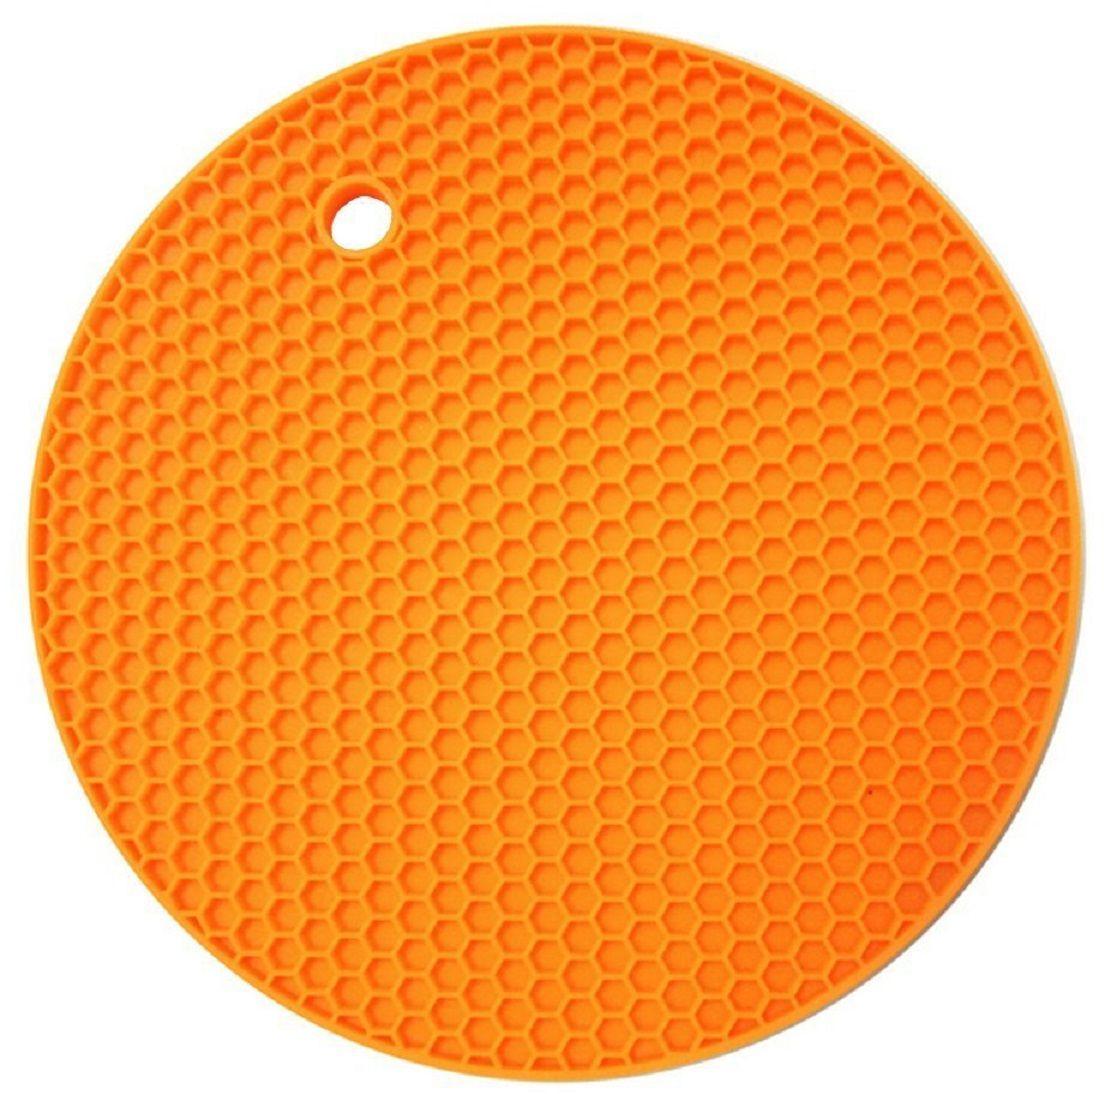 Подставка под горячее FidgetGo Круг, цвет: оранжевый2212345678169На современной кухне силиконовые изделия занимают все больше места. Так как этот материал удобен в обращении, он легкий, к нему не пристает жир и масло, моется легко в теплой воде!Силиконовая подставка под горячее FidgetGo Круг - это практичная и удобная вещь, на нее можно поставить горячую сковороду, кастрюли, противень и многое другое. Подставка не скользит по поверхности, даже если покрытие стола глянцевое! Подставка выдерживает до 230°С, сделана из безопасного пищевого силикона. Ее можно мыть в посудомоечной машине или использовать в микроволновке.